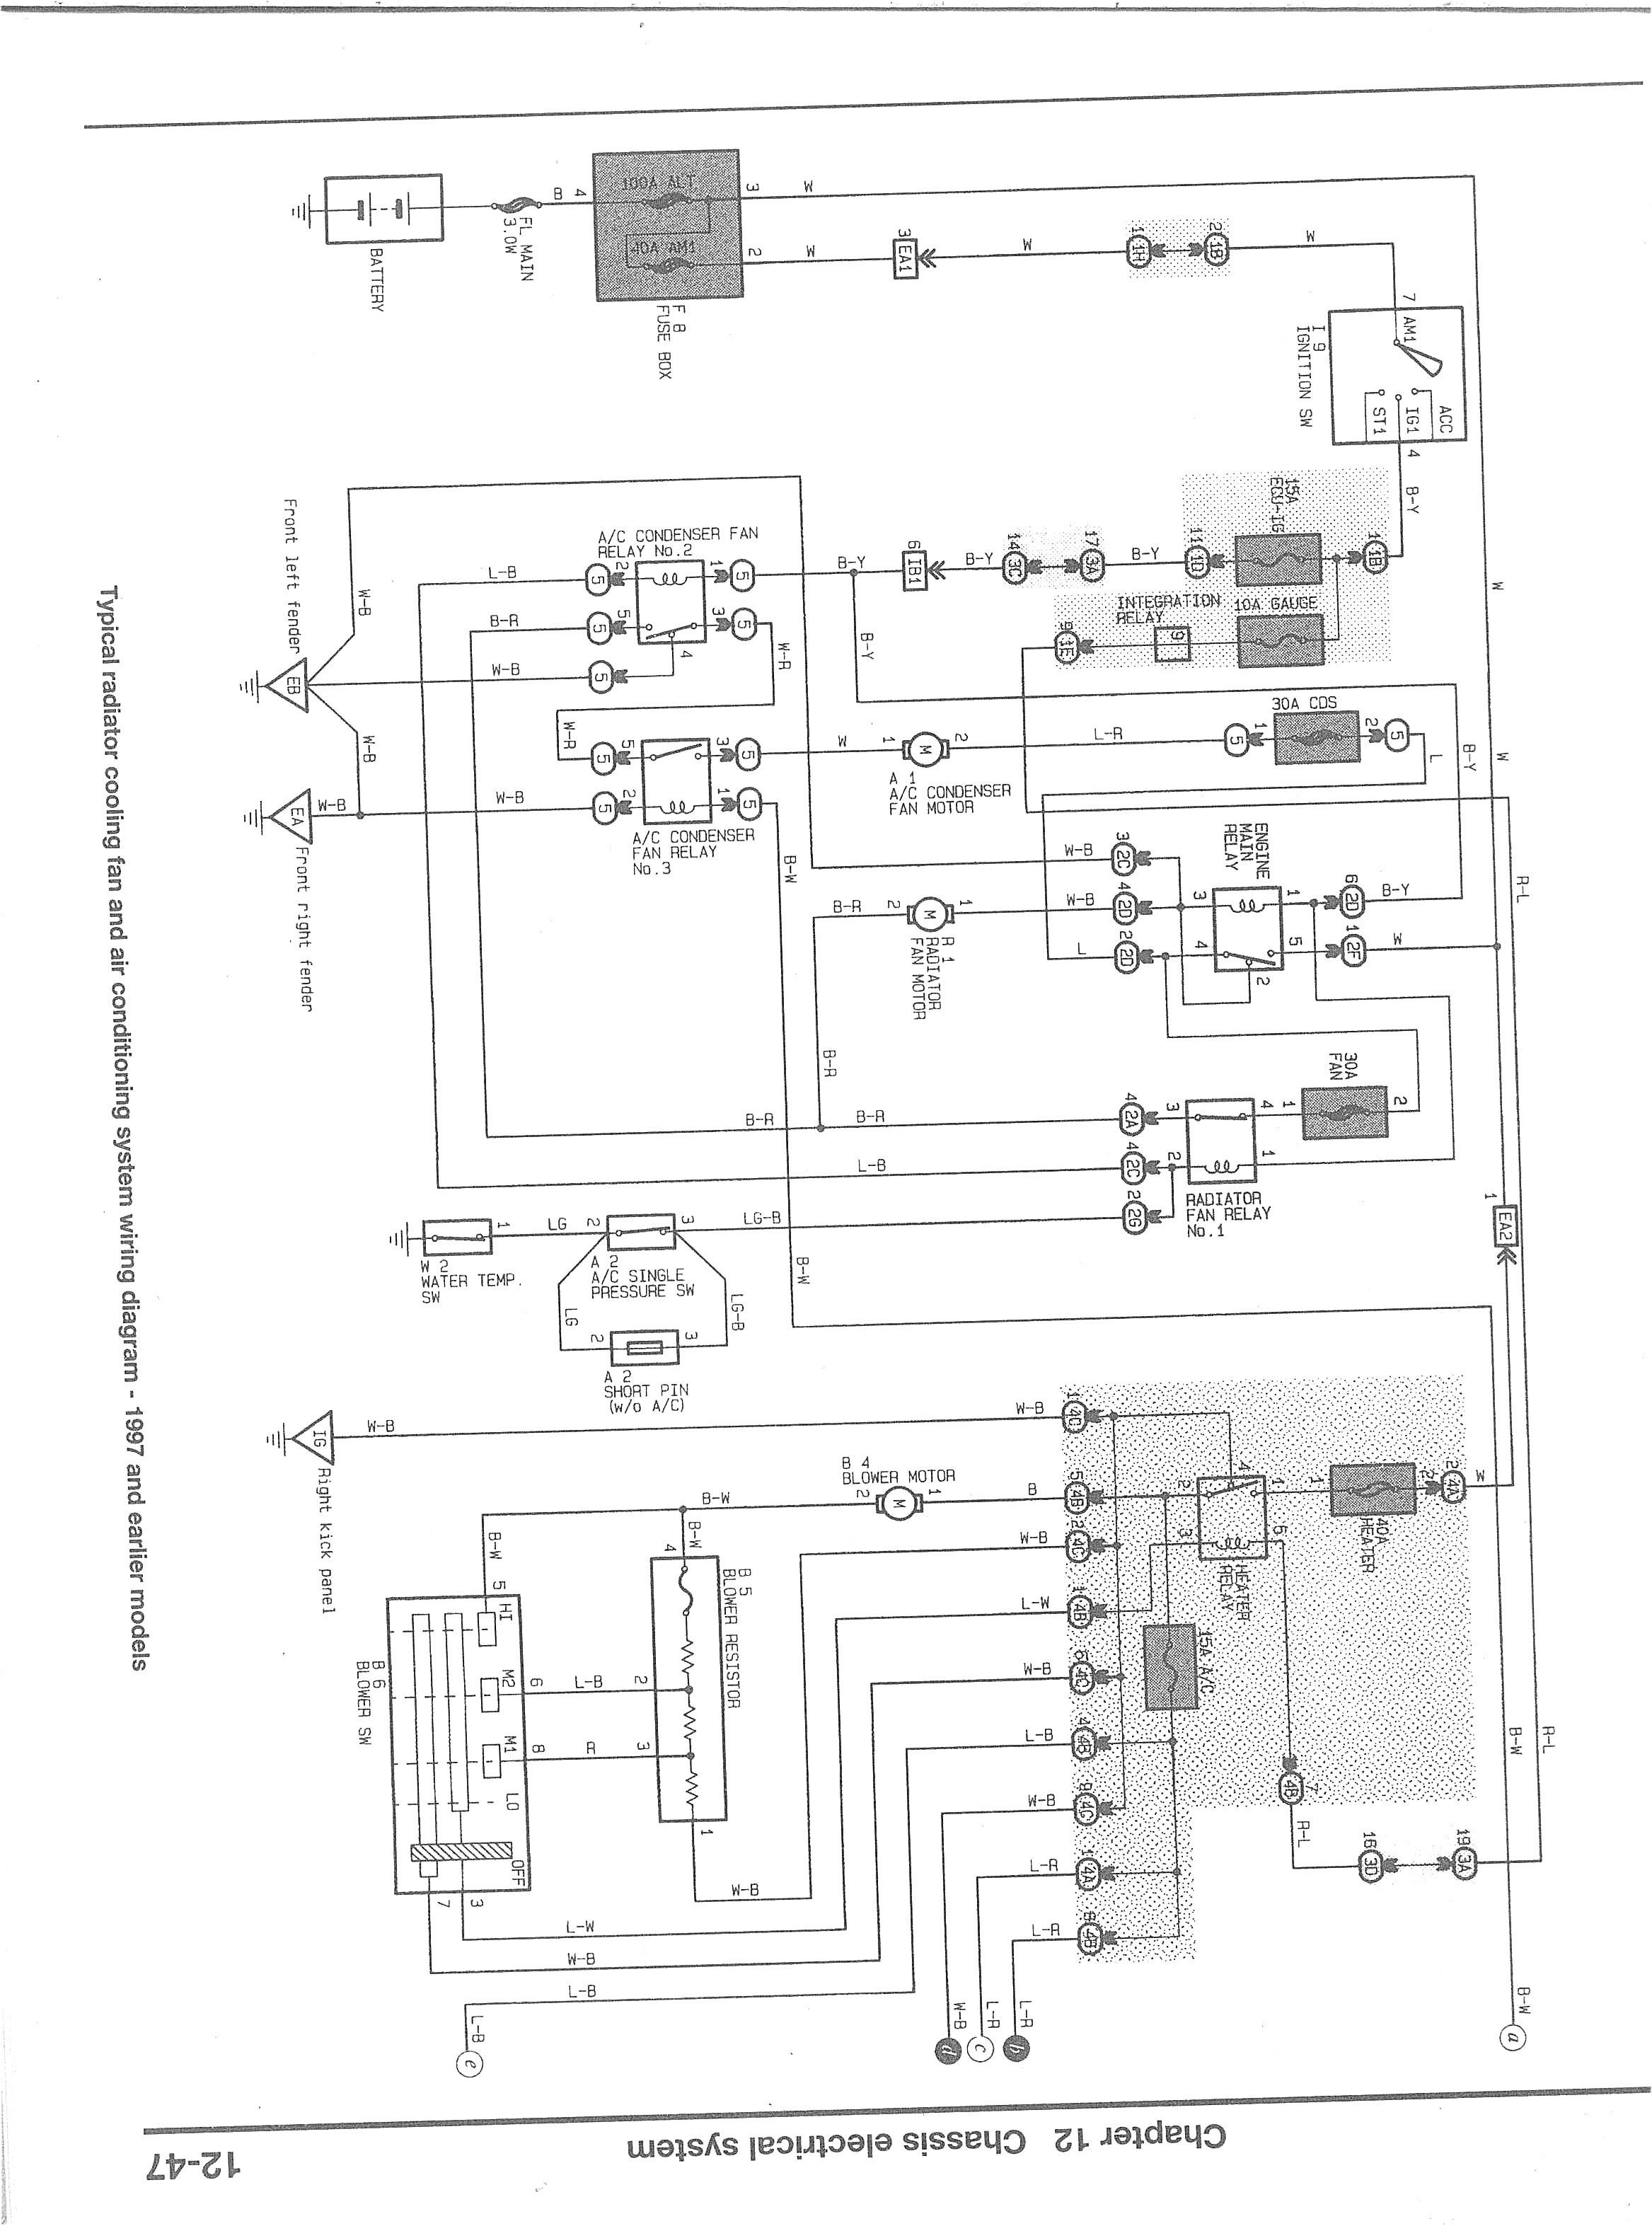 Pleasing Goodman Air Conditioner Wiring Diagram Rate York Handler Valid Wiring Cloud Onicaxeromohammedshrineorg